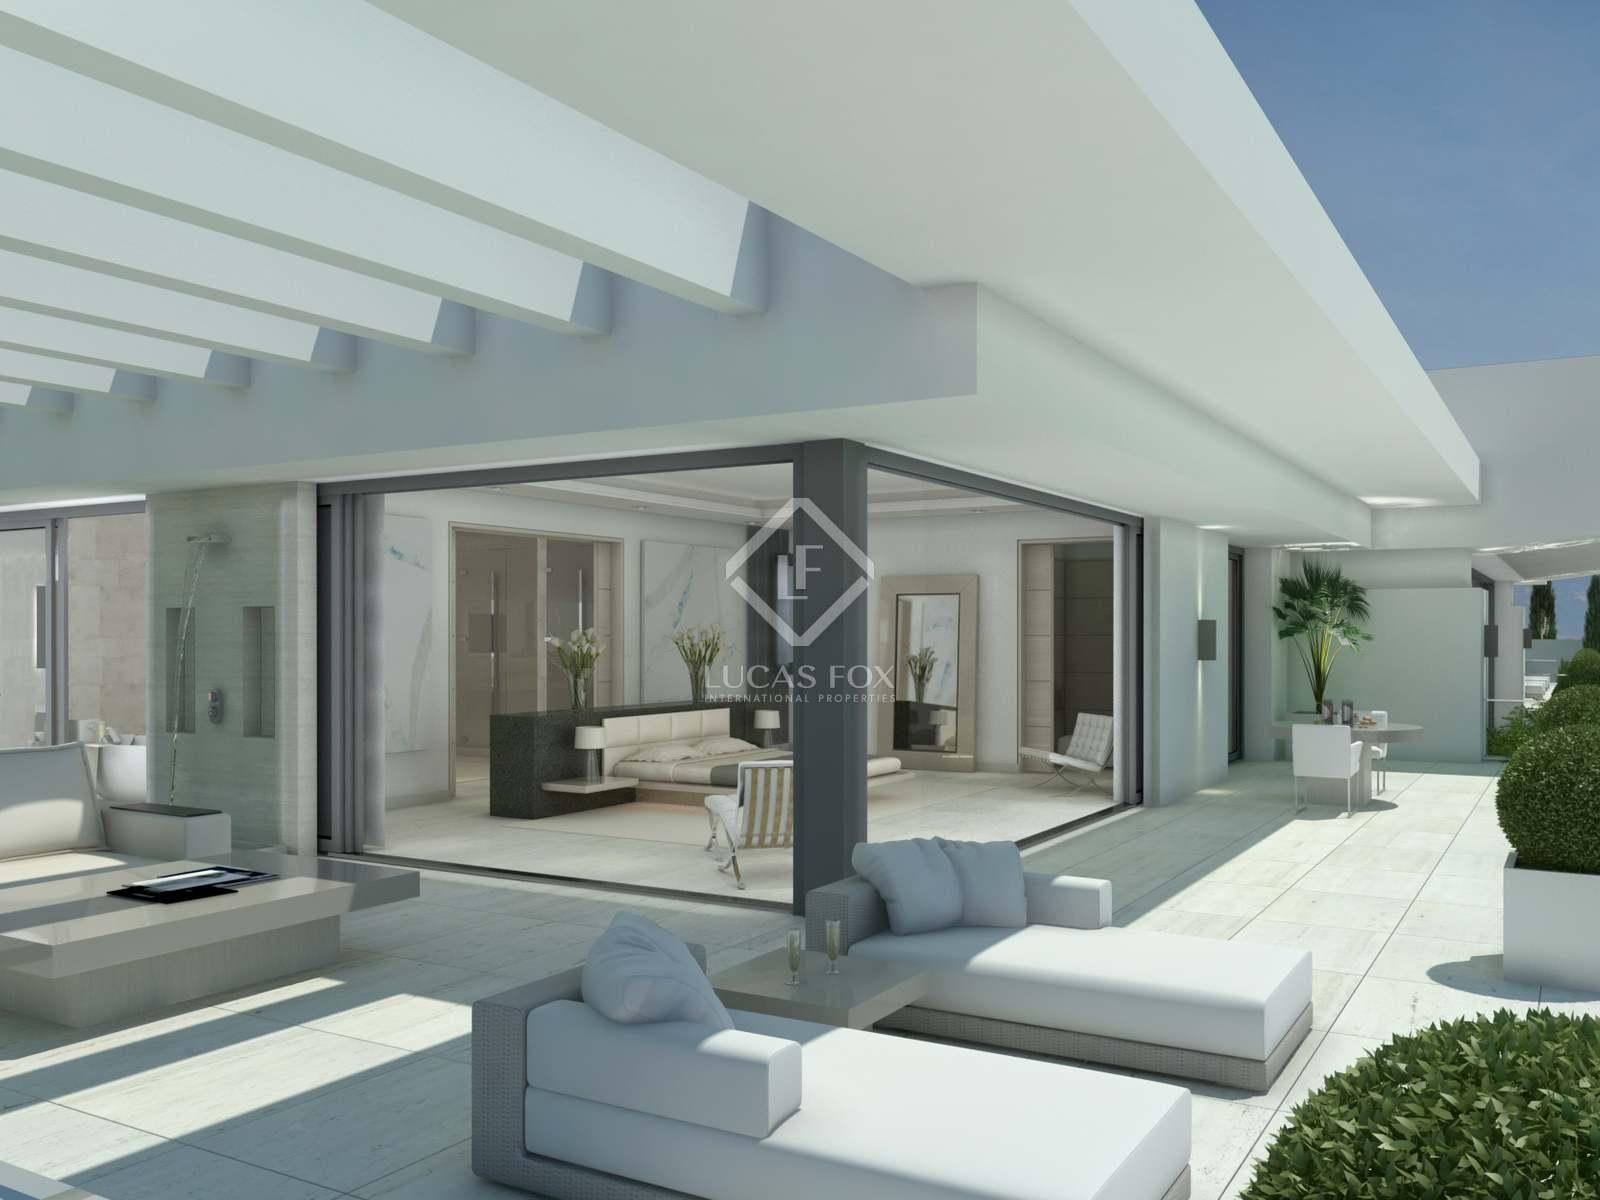 Camera Da Letto In Prospettiva Centrale casa / villa di 1,520m² con giardino di 1,211m² in vendita a